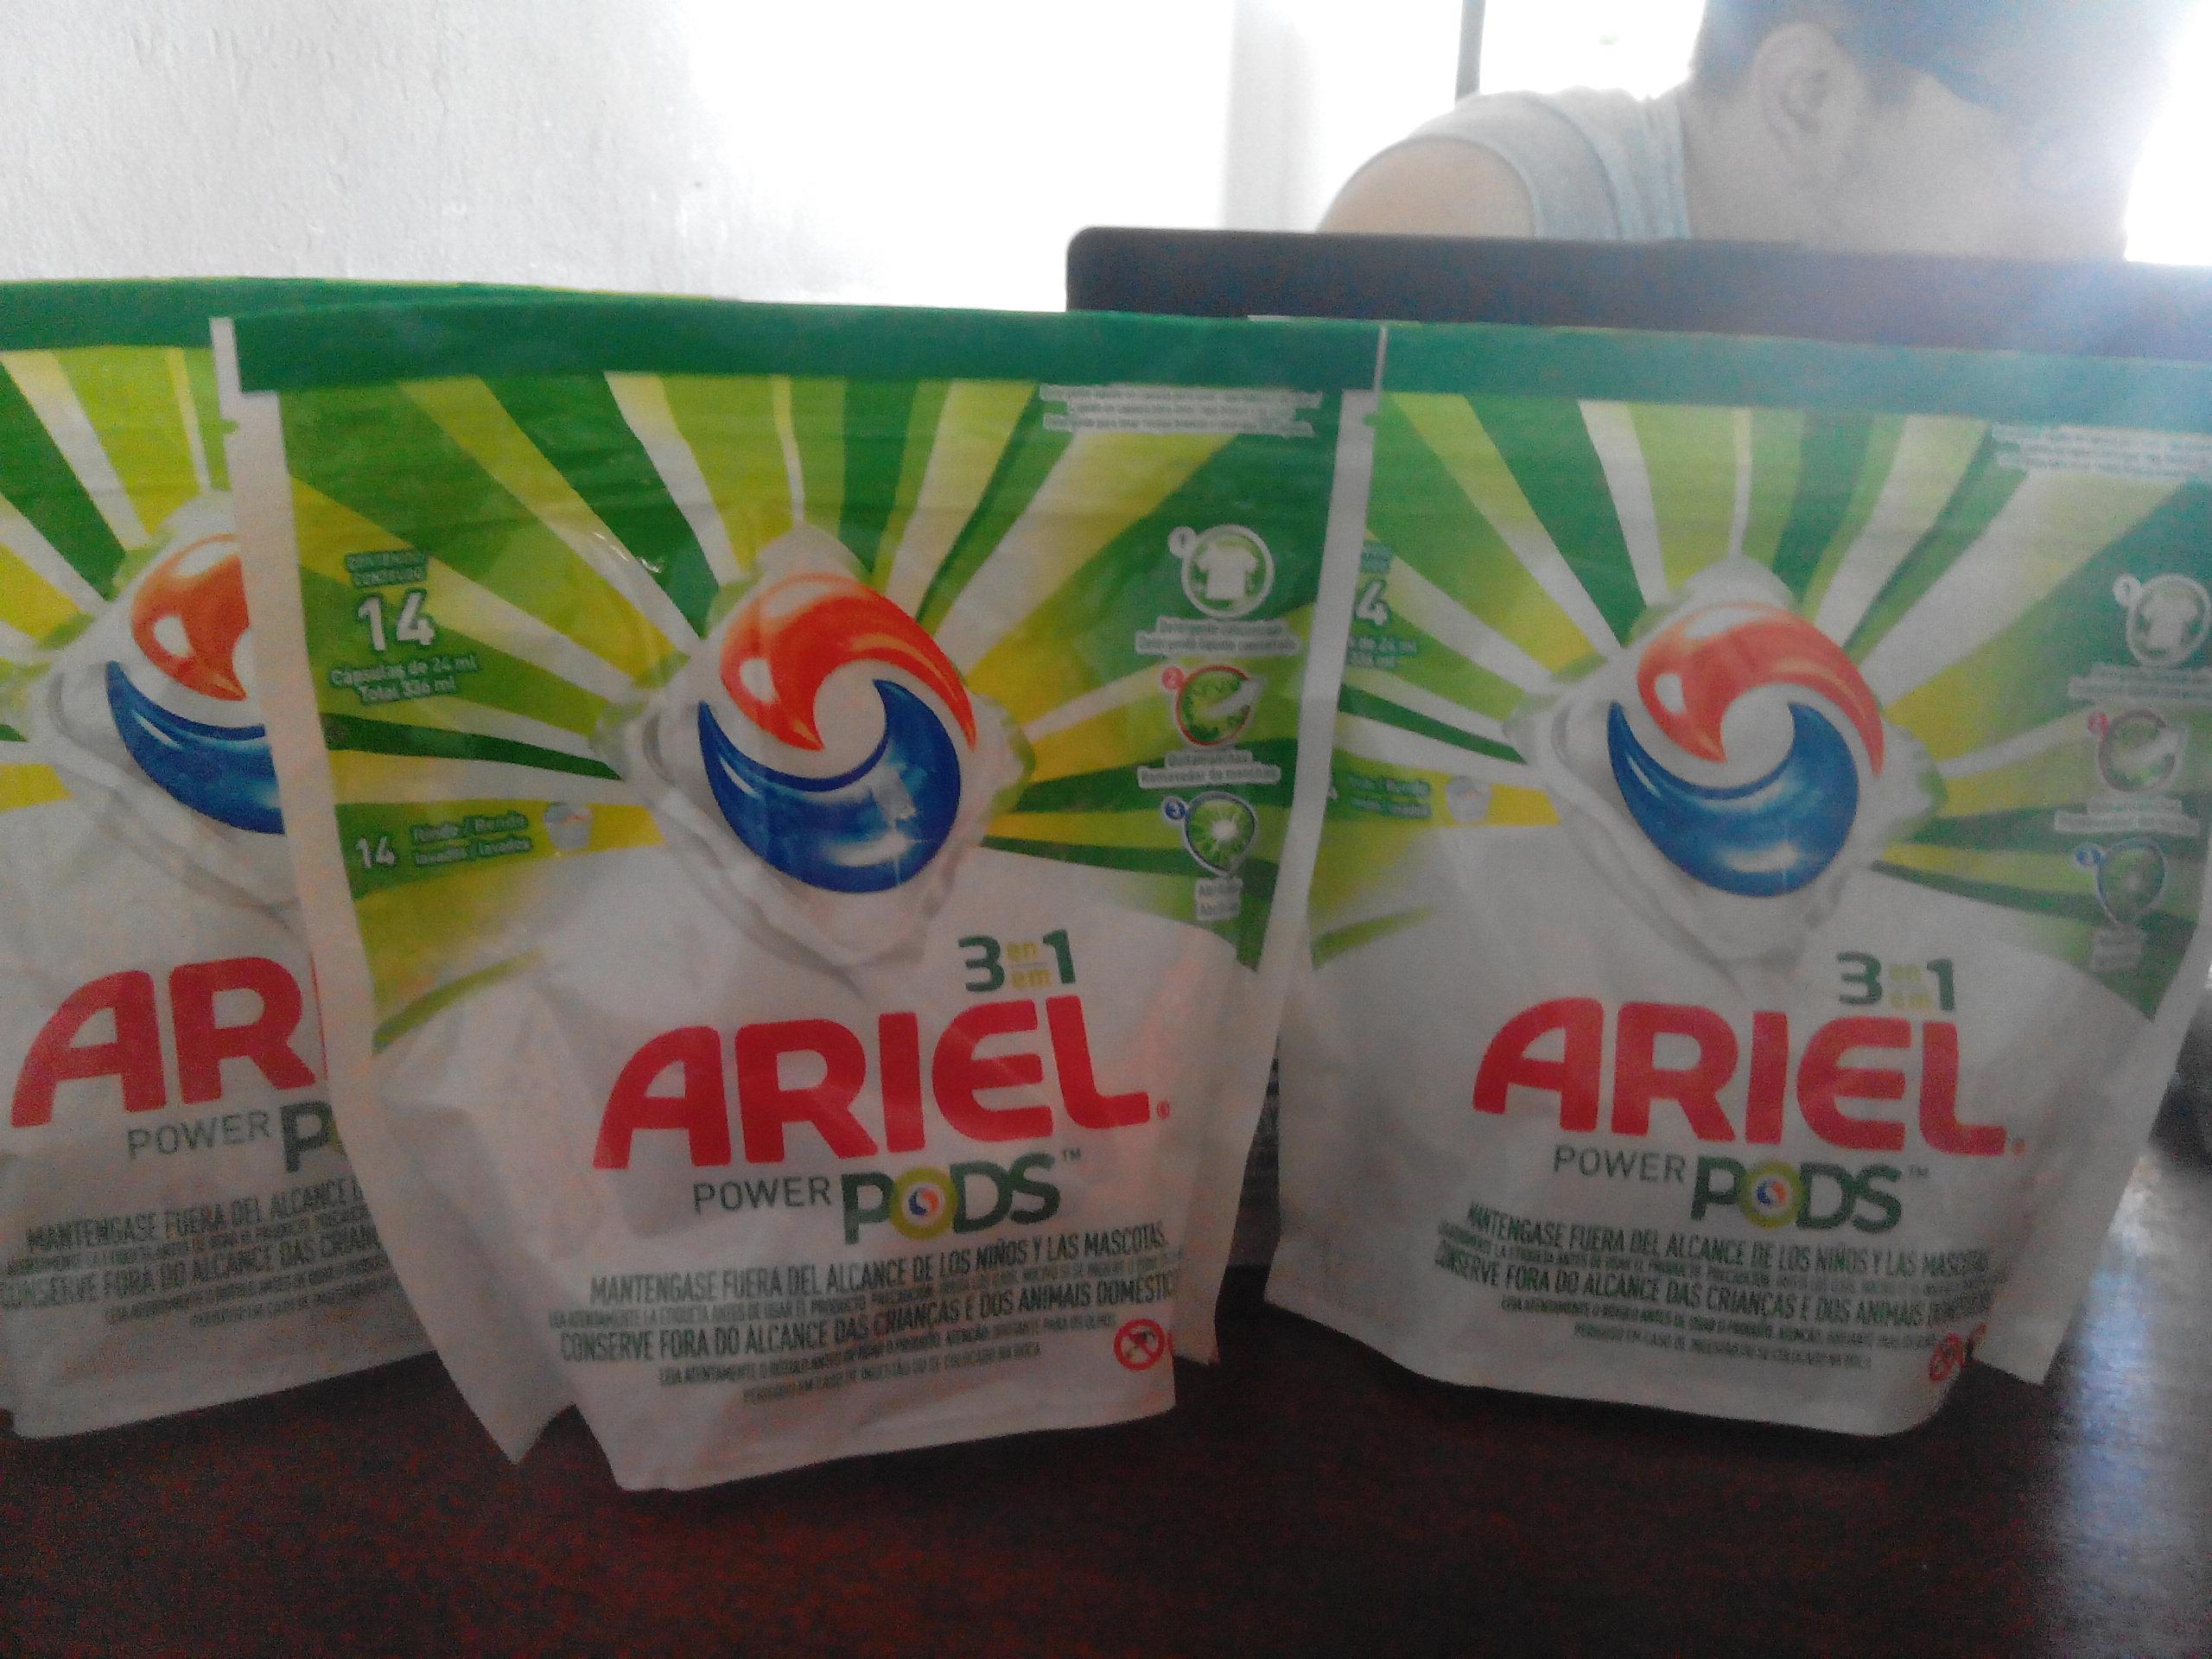 Chedraui Zona Norte (tampico-altamira): Ariel power pods 3 en 1